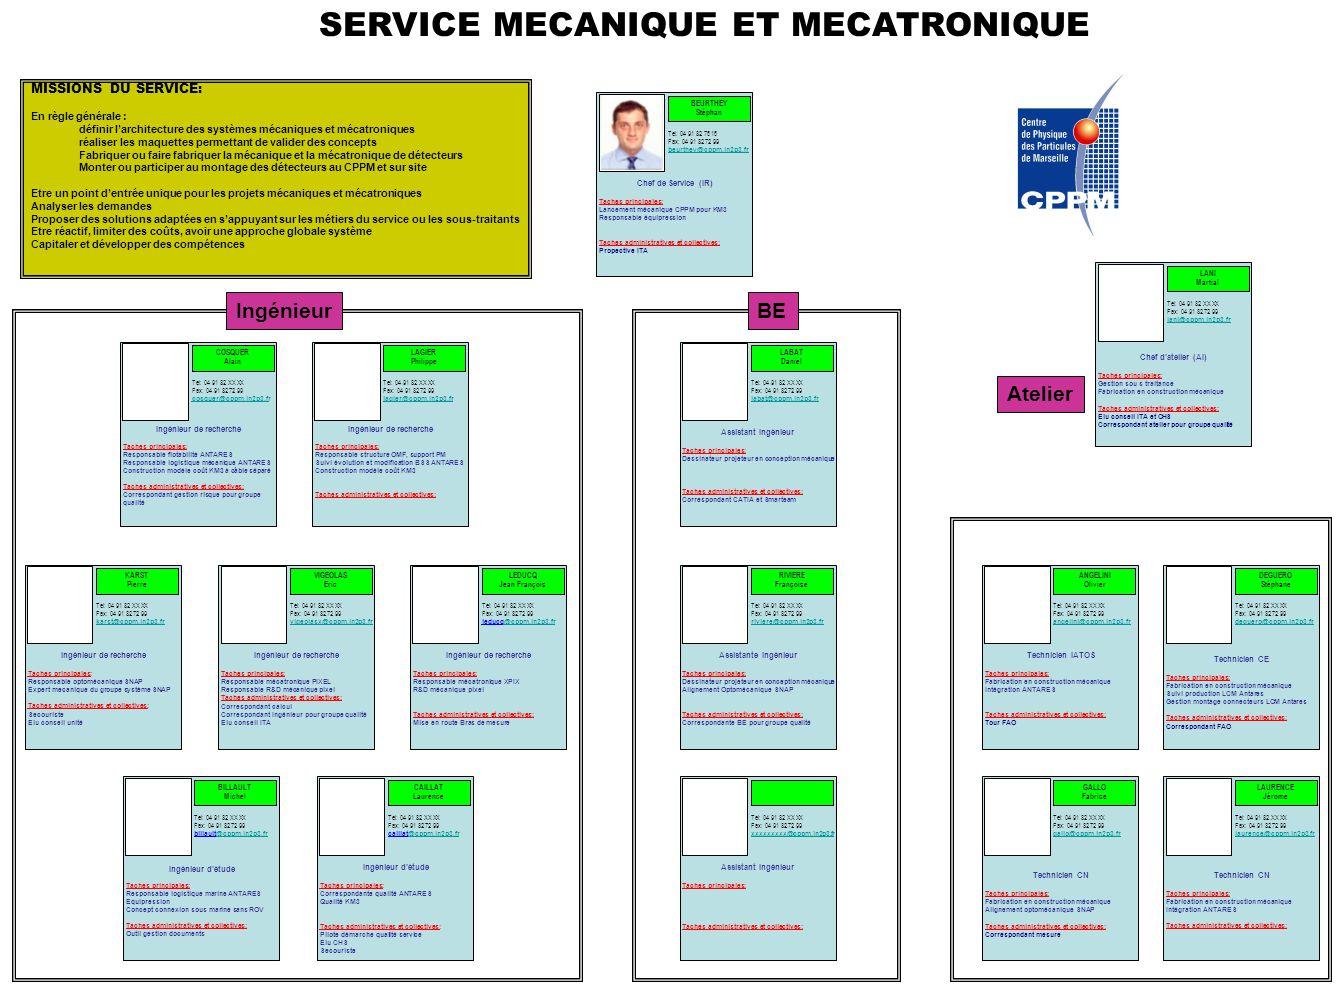 Ingénieur de recherche Taches principales: Responsable flotabilité ANTARES Responsable logistique mécanique ANTARES Construction modèle coût KM3 à câb